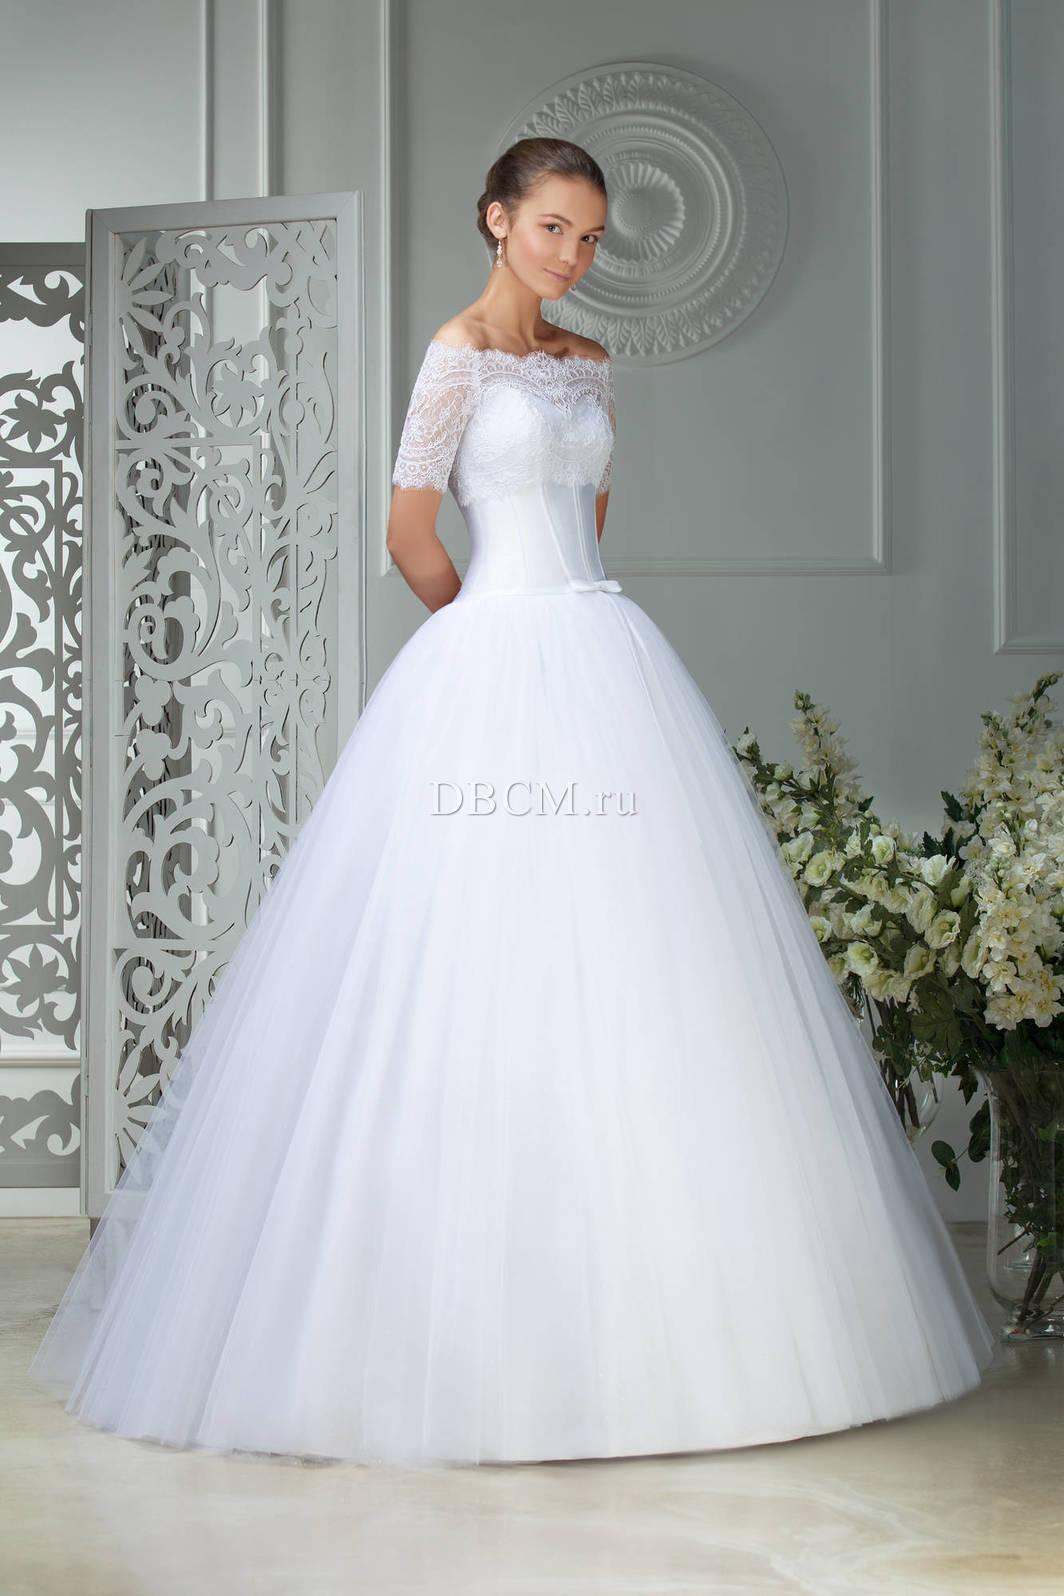 Свадебные Платья В Казани Фото И Цены